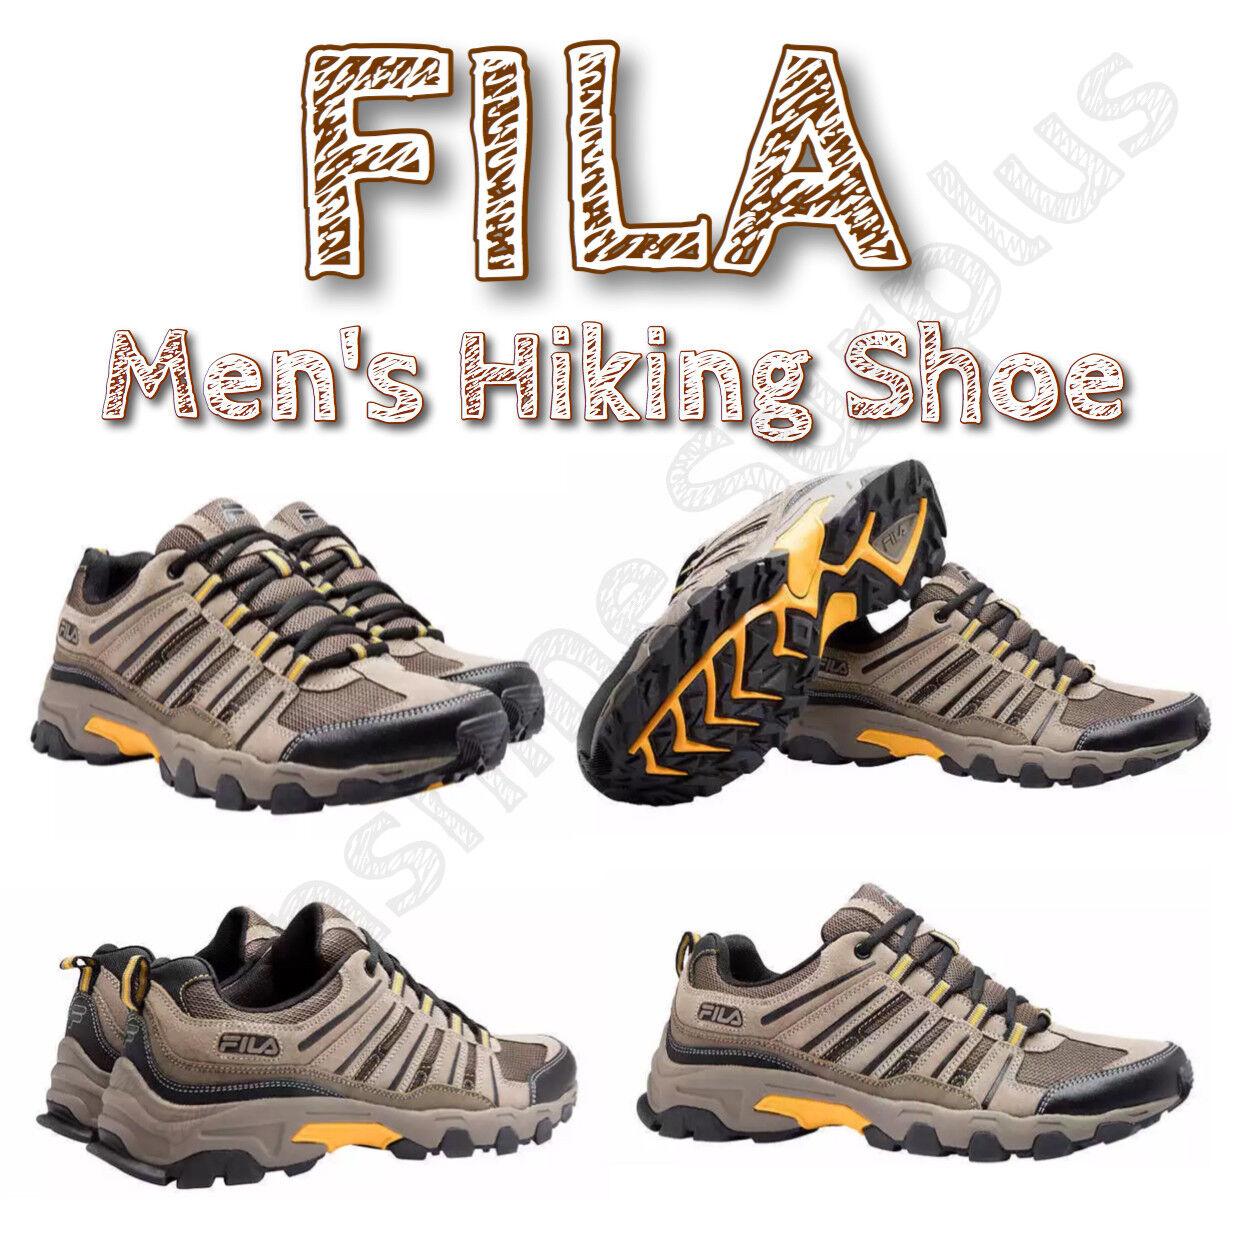 Nueva fila Trail Hombres Zapatillas de senderismo, caminar, marca deportiva mas Light Marrón variedad el mas deportiva popular de zapatos para hombres y mujeres d3d49d